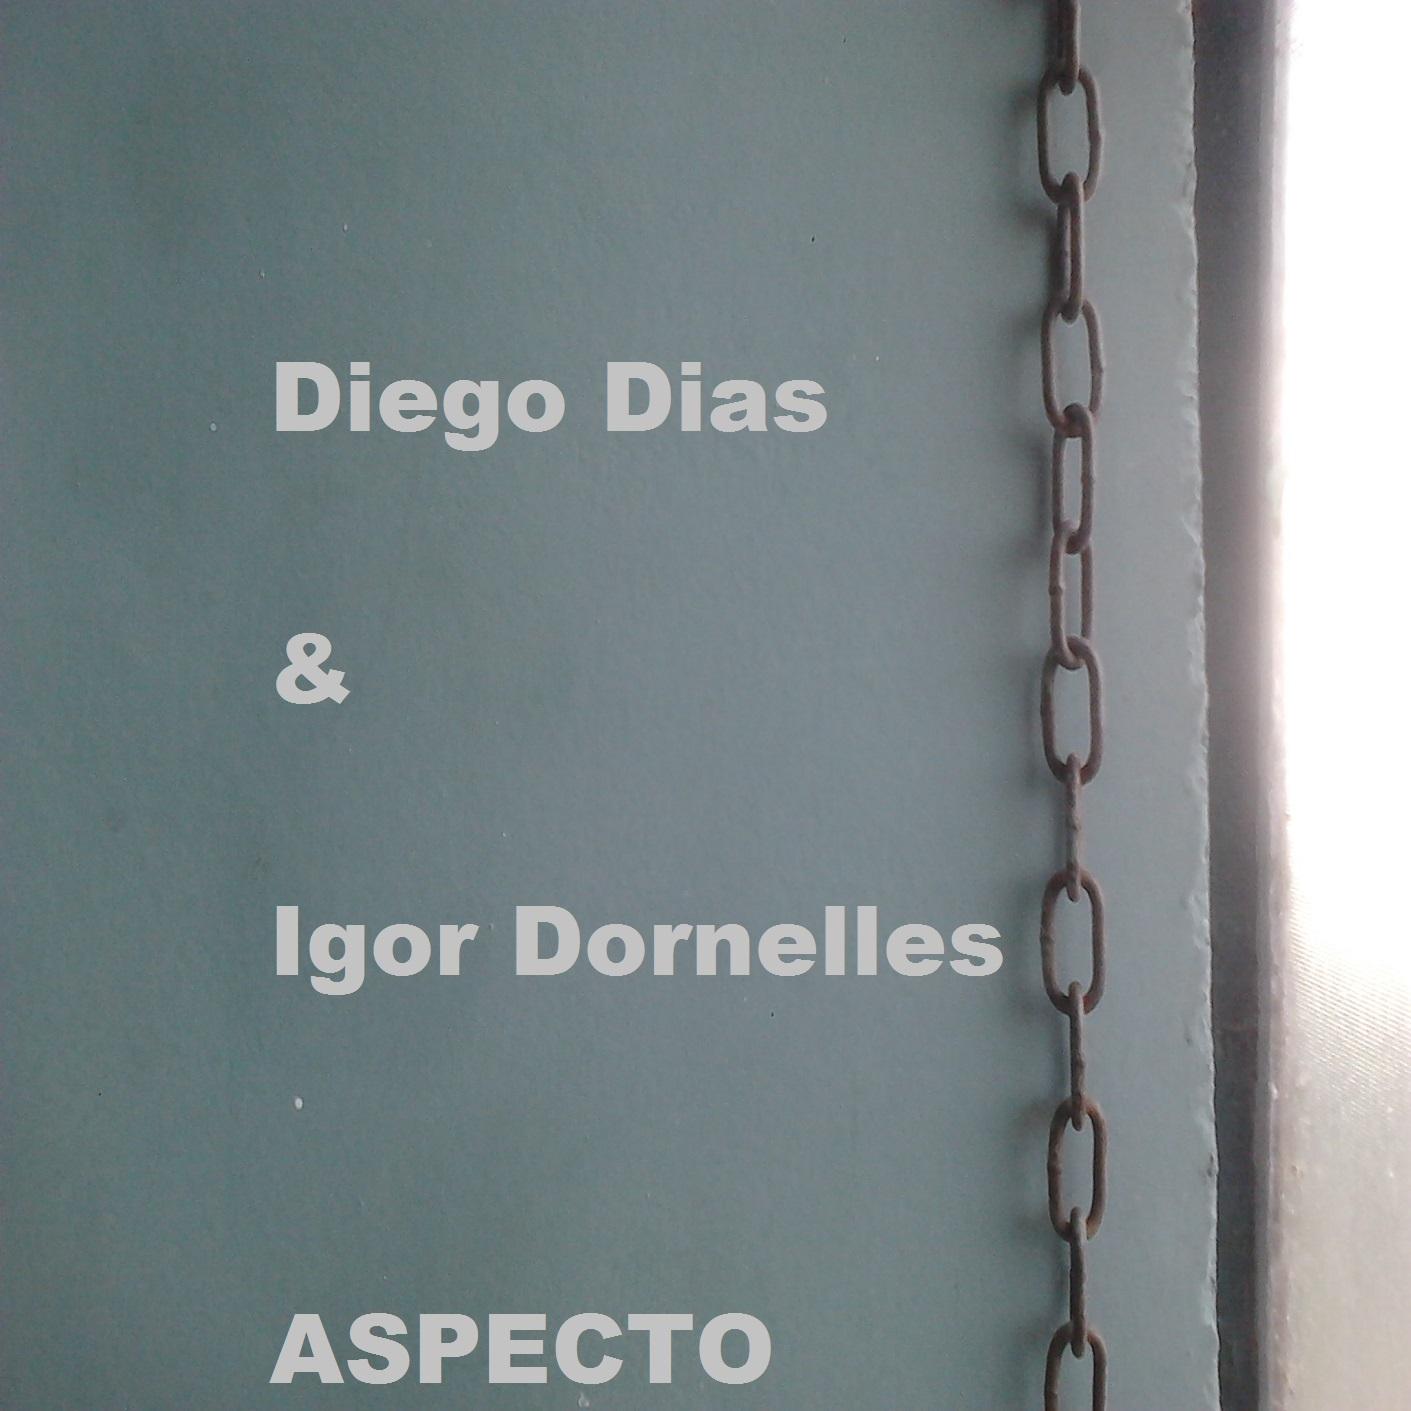 MSRCD066 - Diego Dias & Igor Dornelles - Aspecto